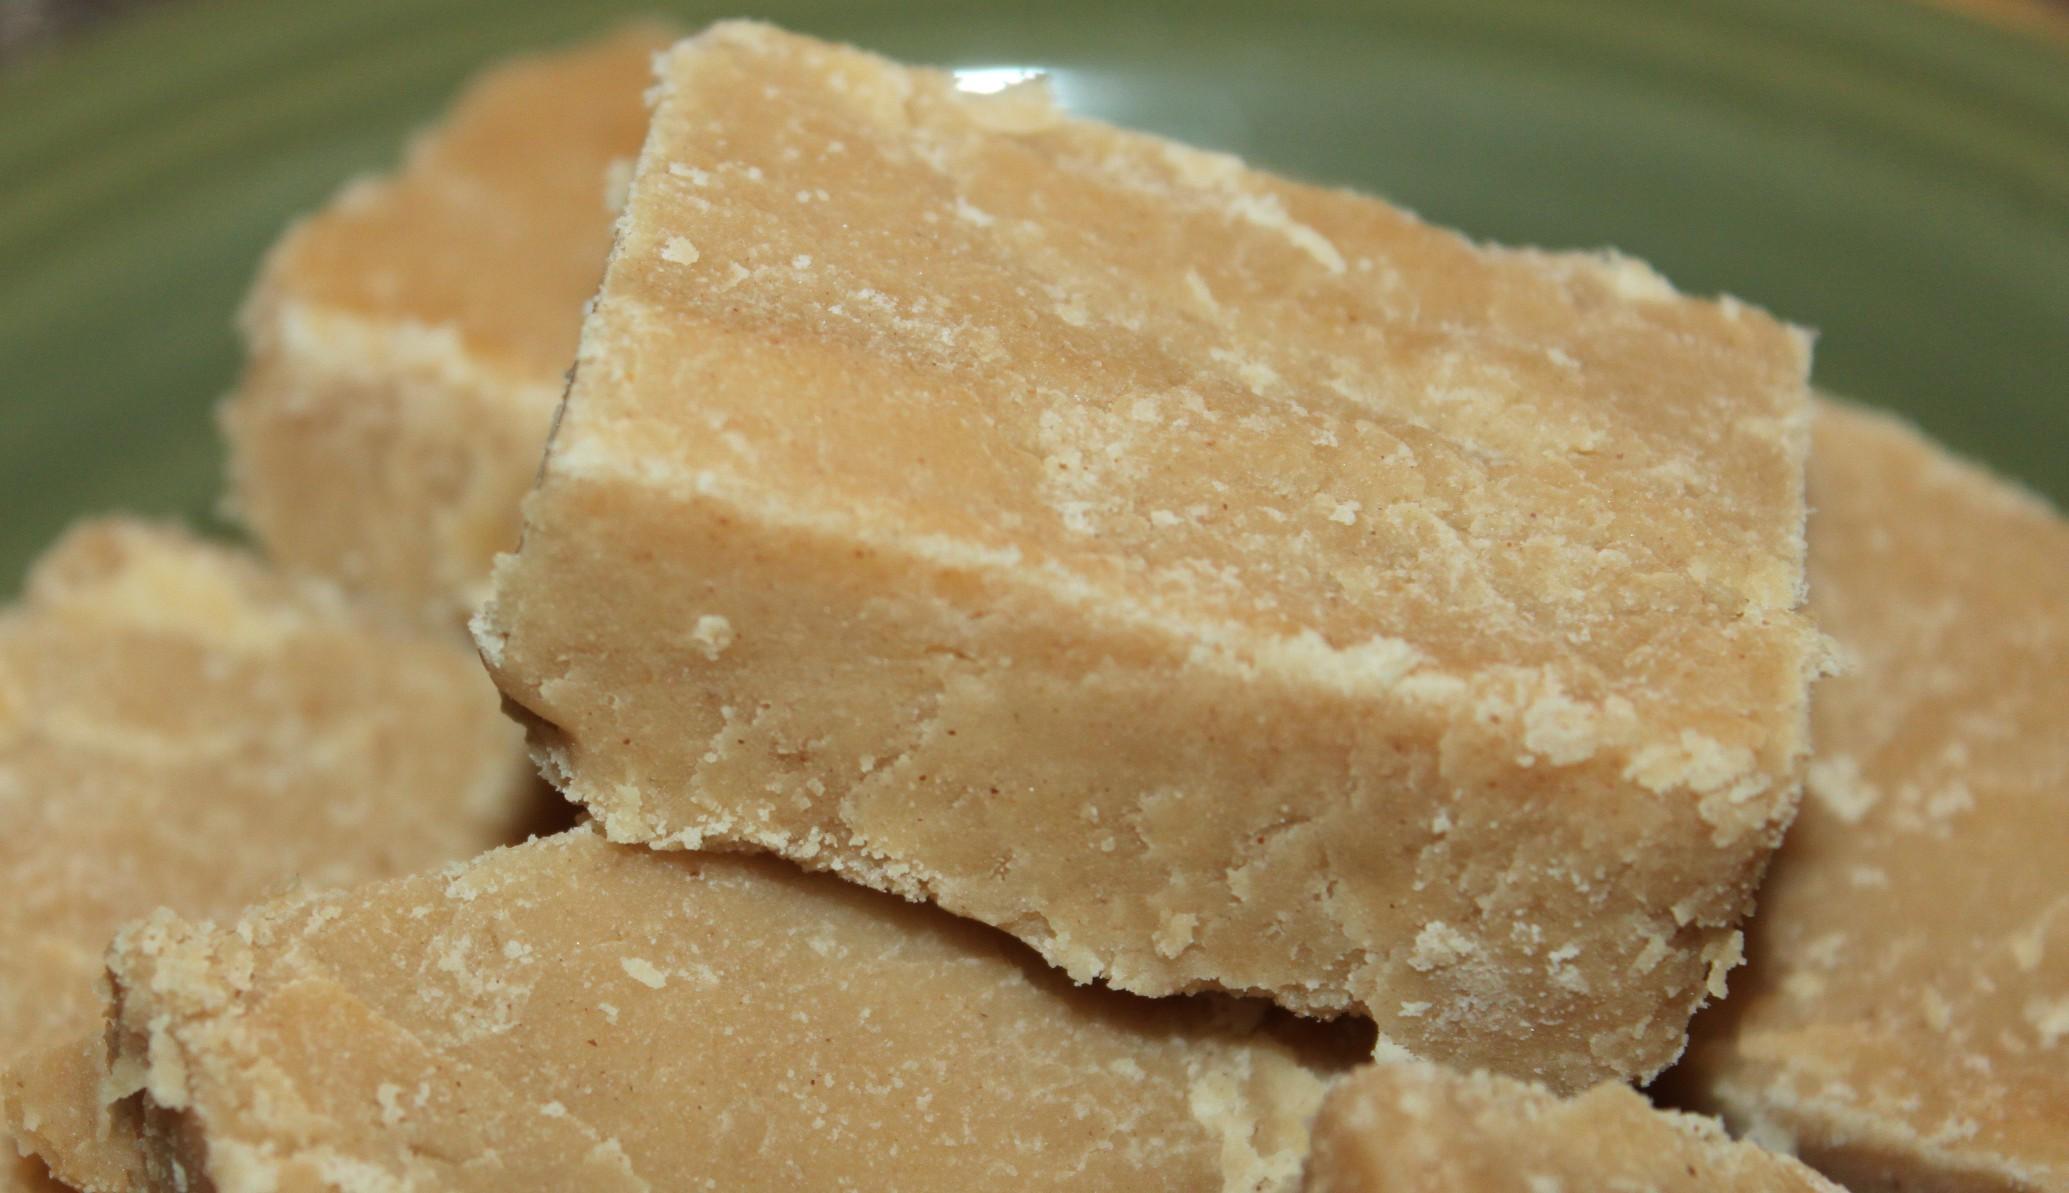 Grandma S Easy Peanut Butter Fudge Recipe No Candy